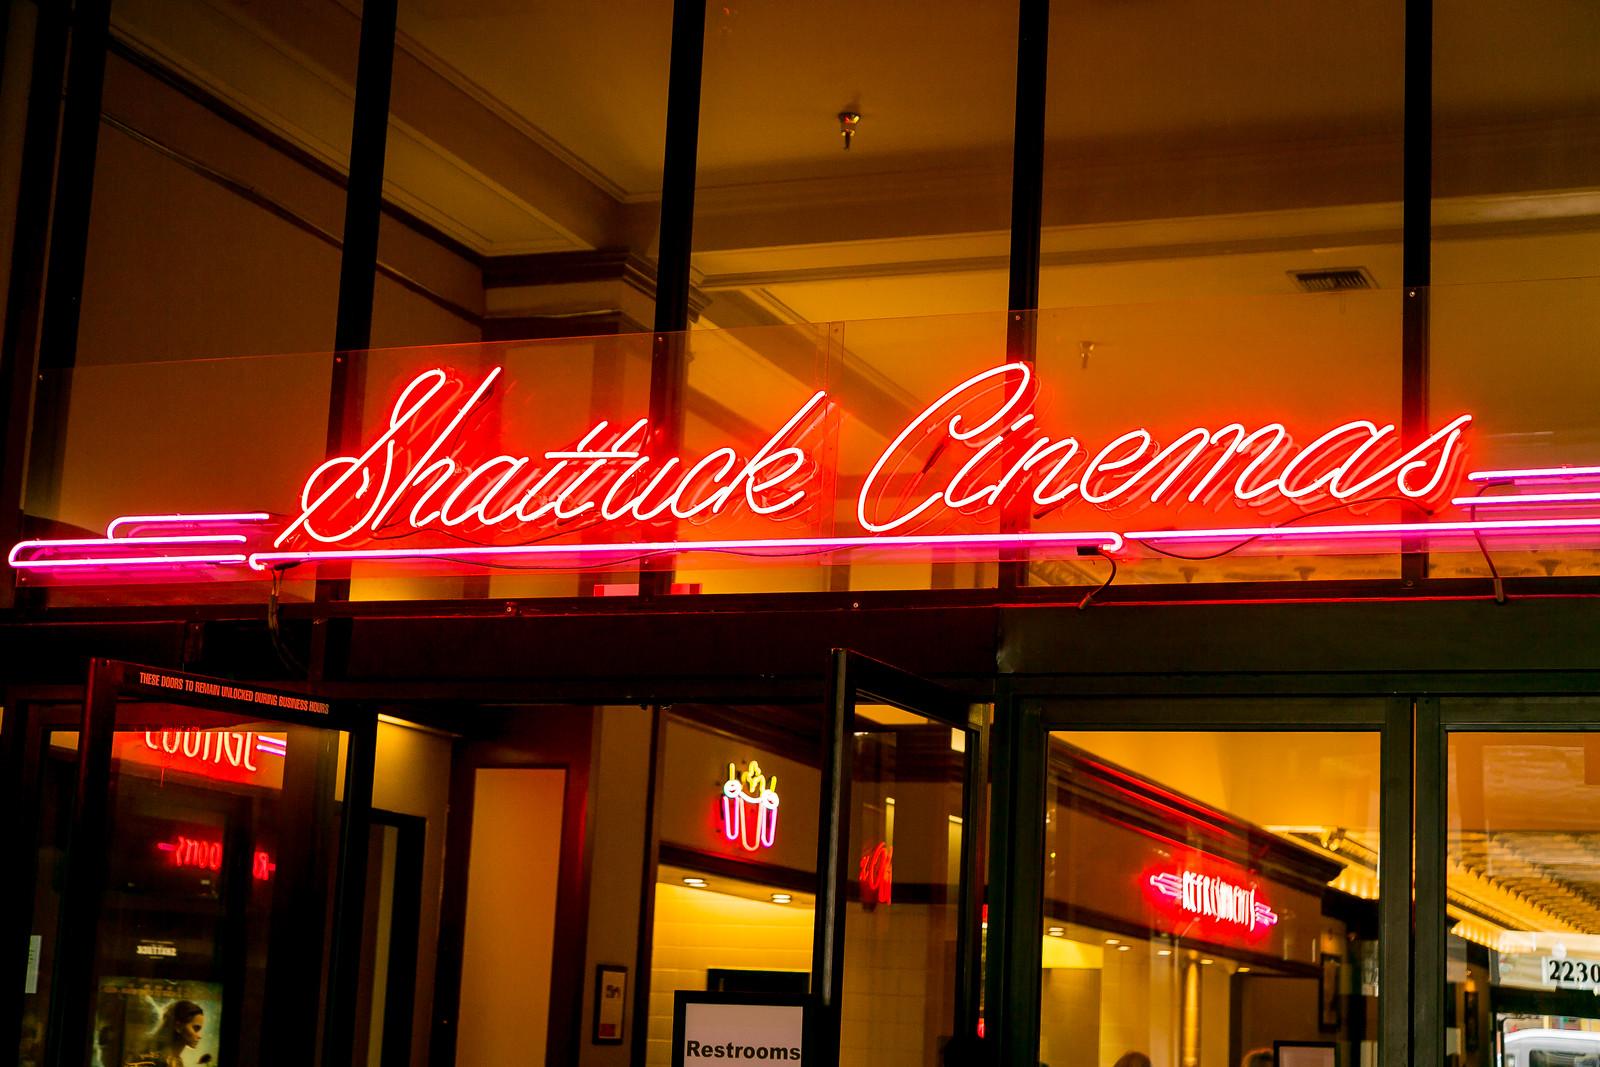 2230 Shattuck Avenue